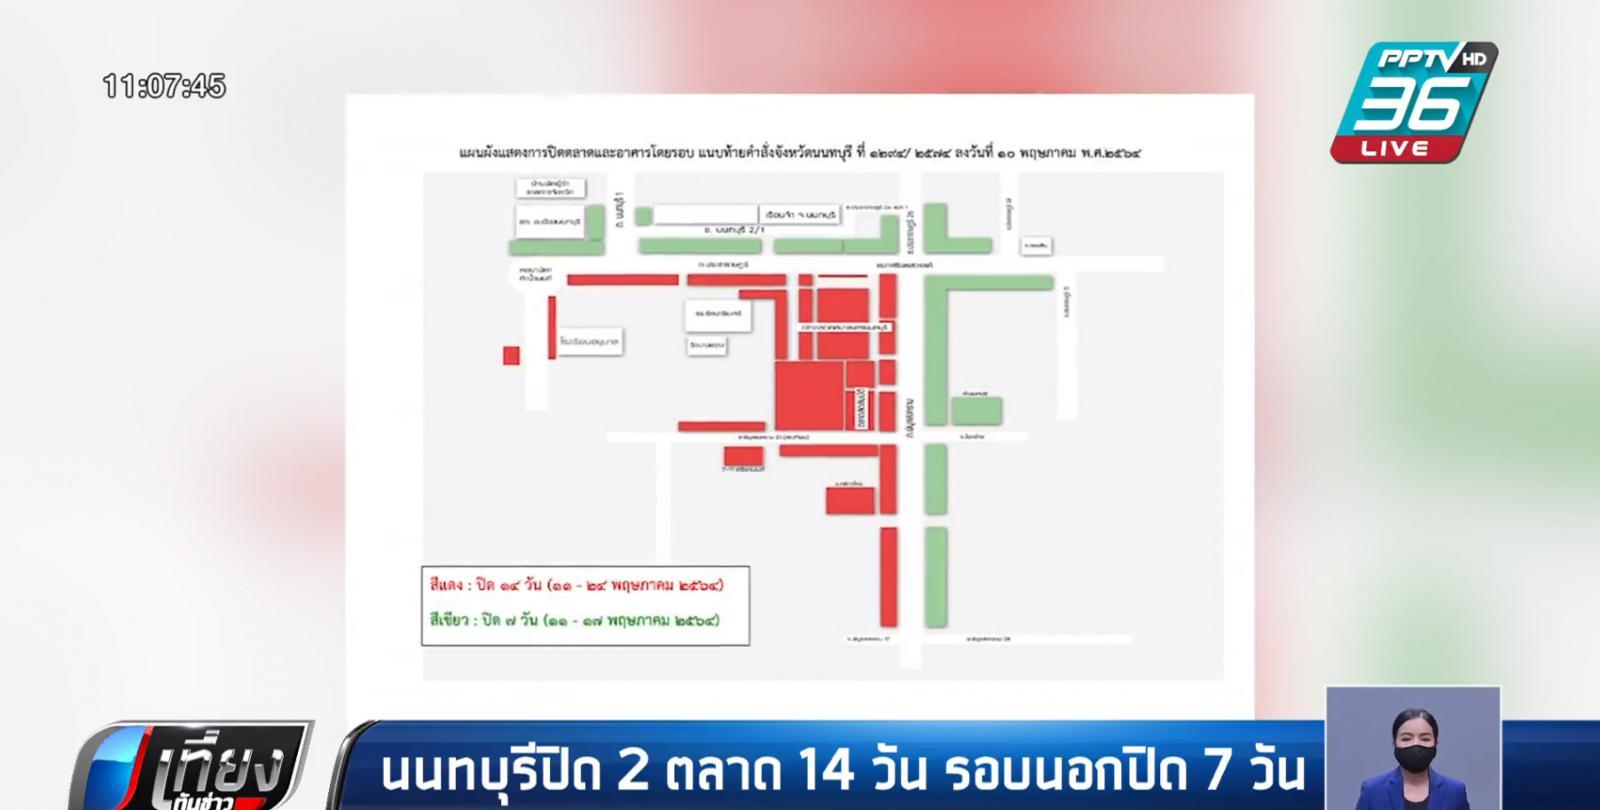 นนทบุรี สั่งปิด 2 ตลาด 14 วัน รอบนอกปิด 7 วัน หลังติดโควิดกว่า 100 ราย